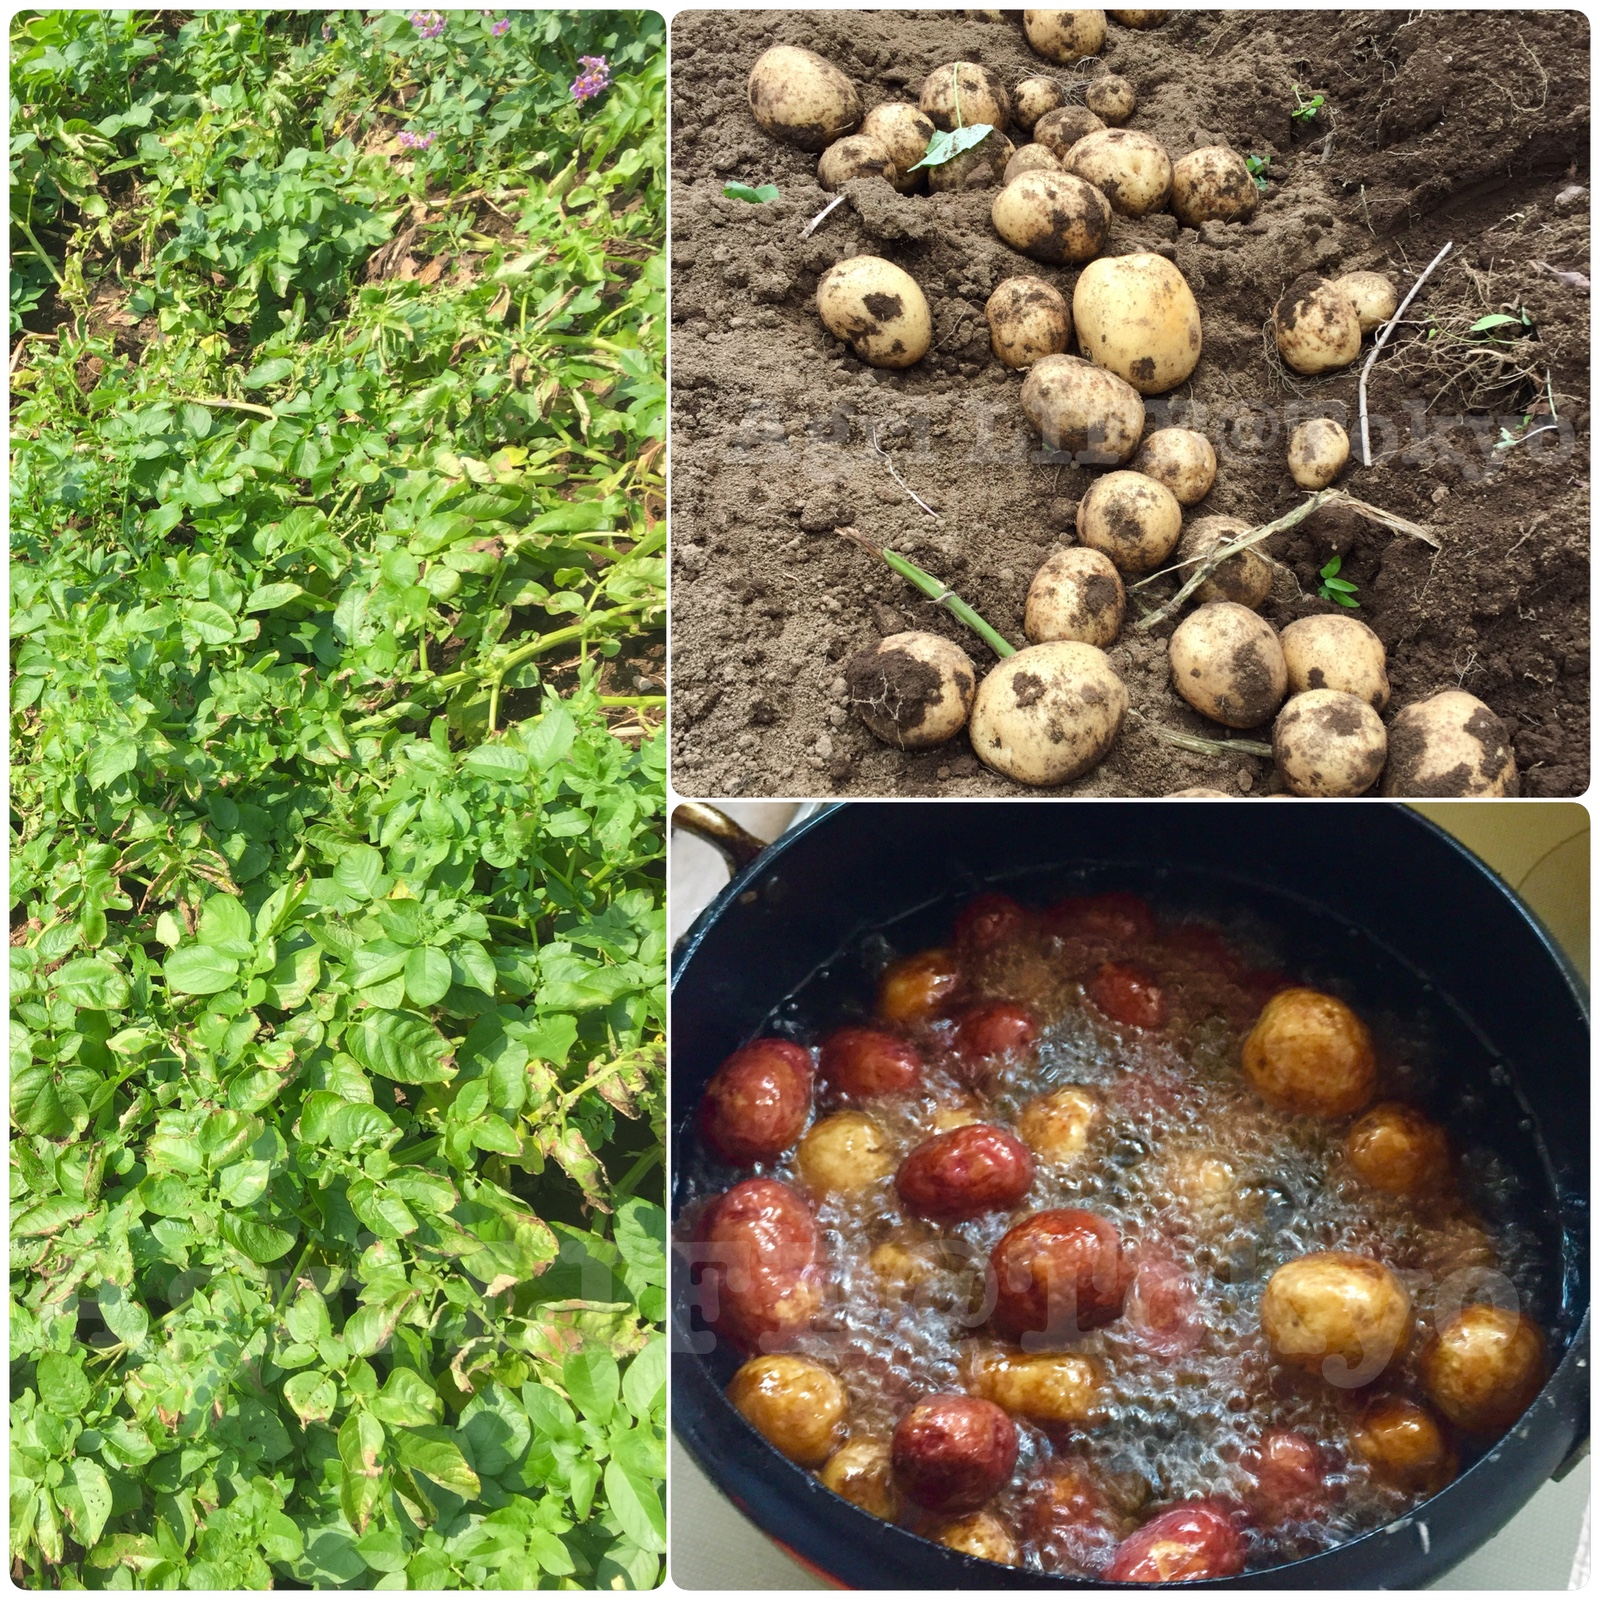 ジャガイモの早掘り(まだ小芋がエグかった)